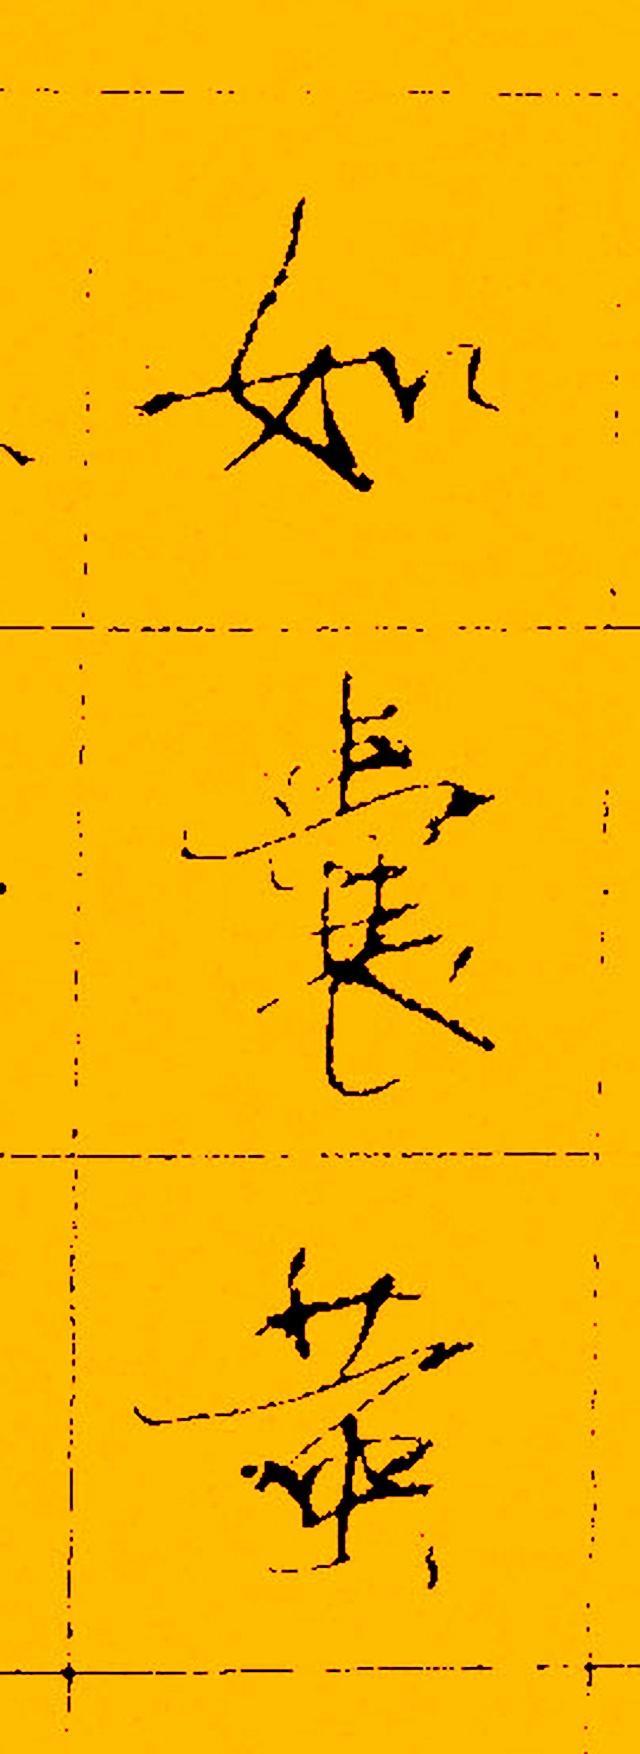 06.29冯亚南圆珠笔行书《三字经》006-013的局部